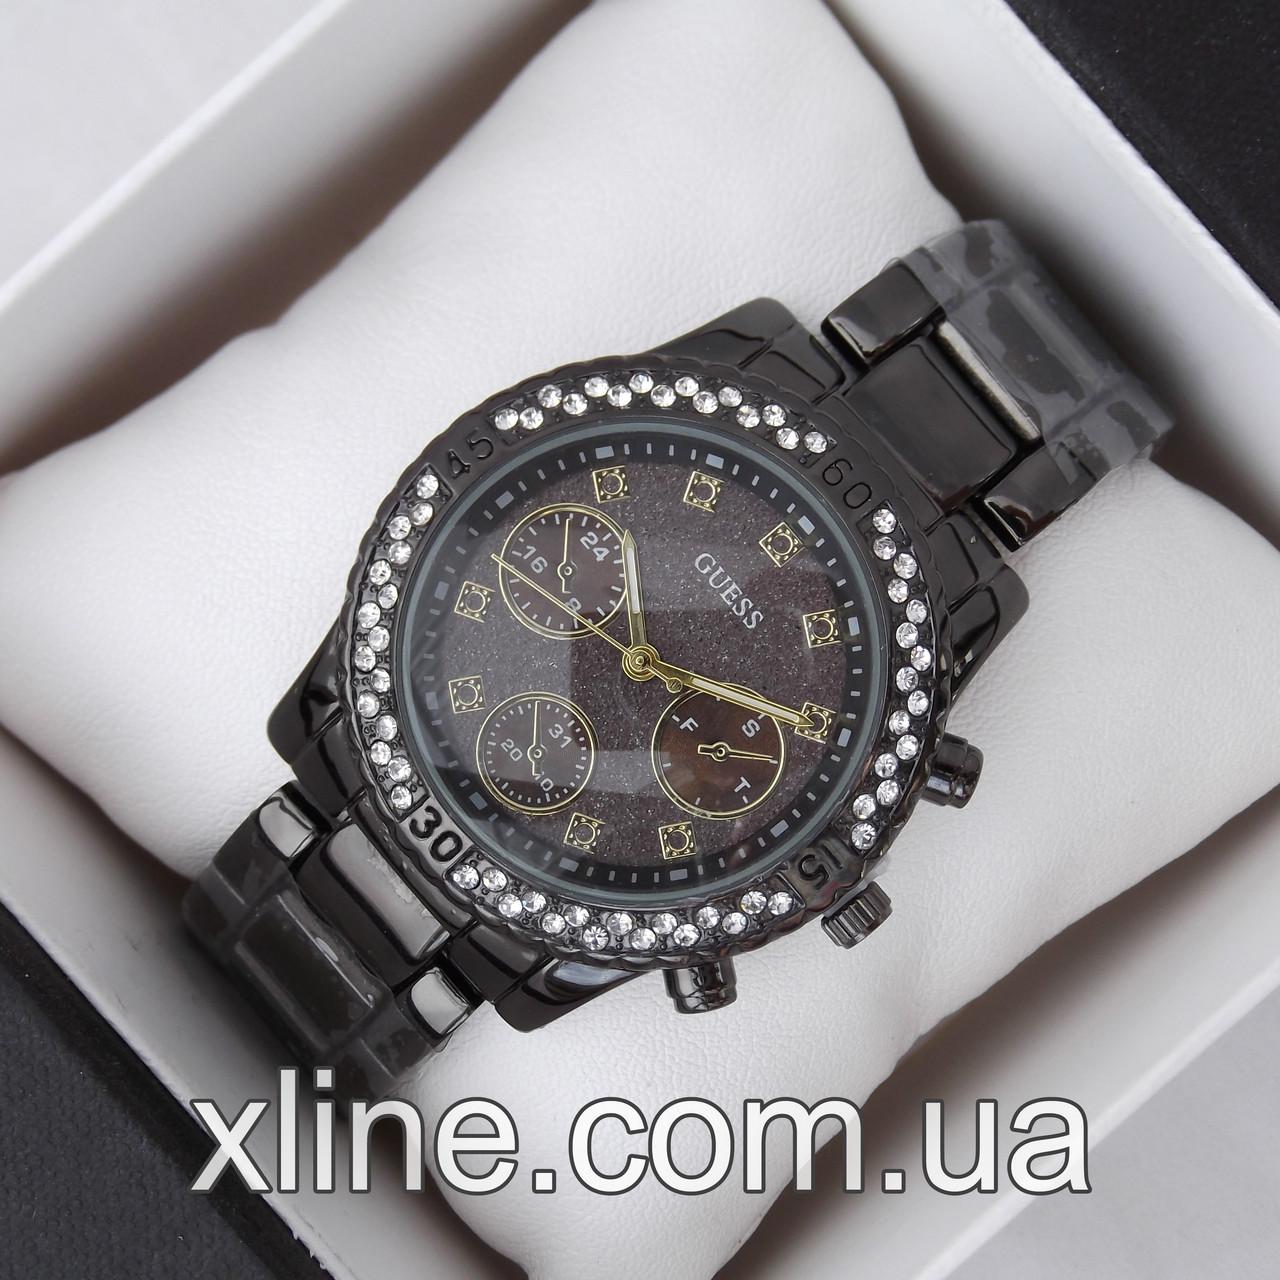 Купить браслет на гесс часы часы наручные из нержавеющей стали водонепроницаемые